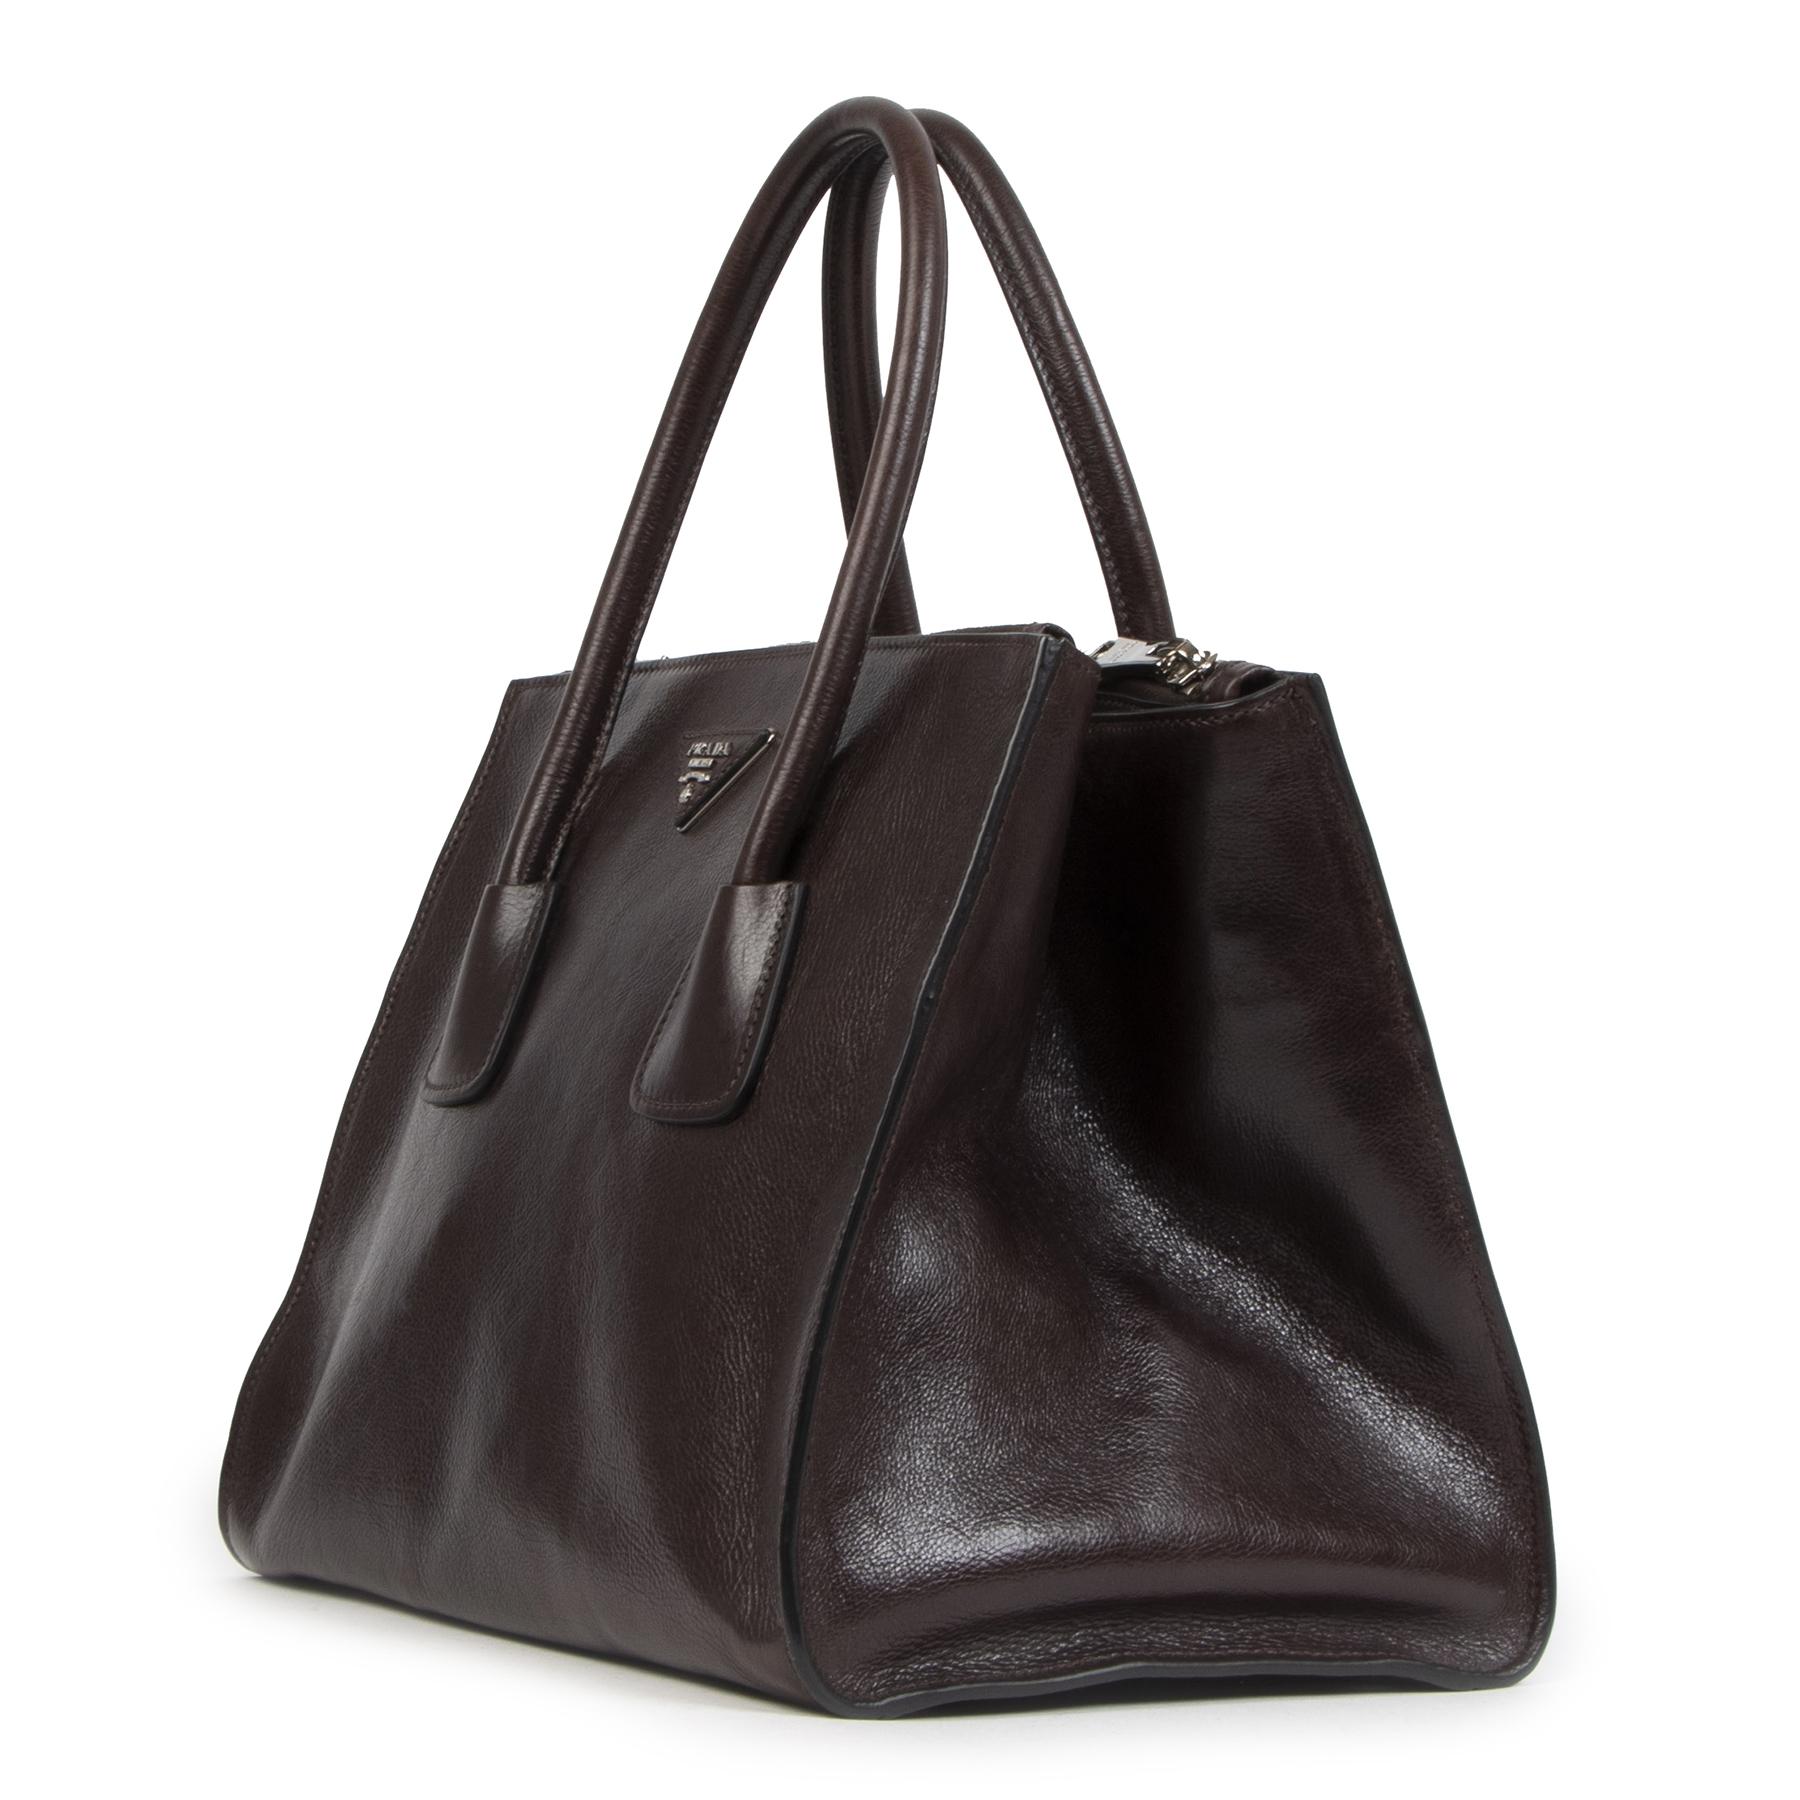 Authentieke Tweedehands Prada Burgundy Twin Pocket Tote Top Handle Bag juiste prijs veilig online shoppen luxe merken webshop winkelen Antwerpen België mode fashion